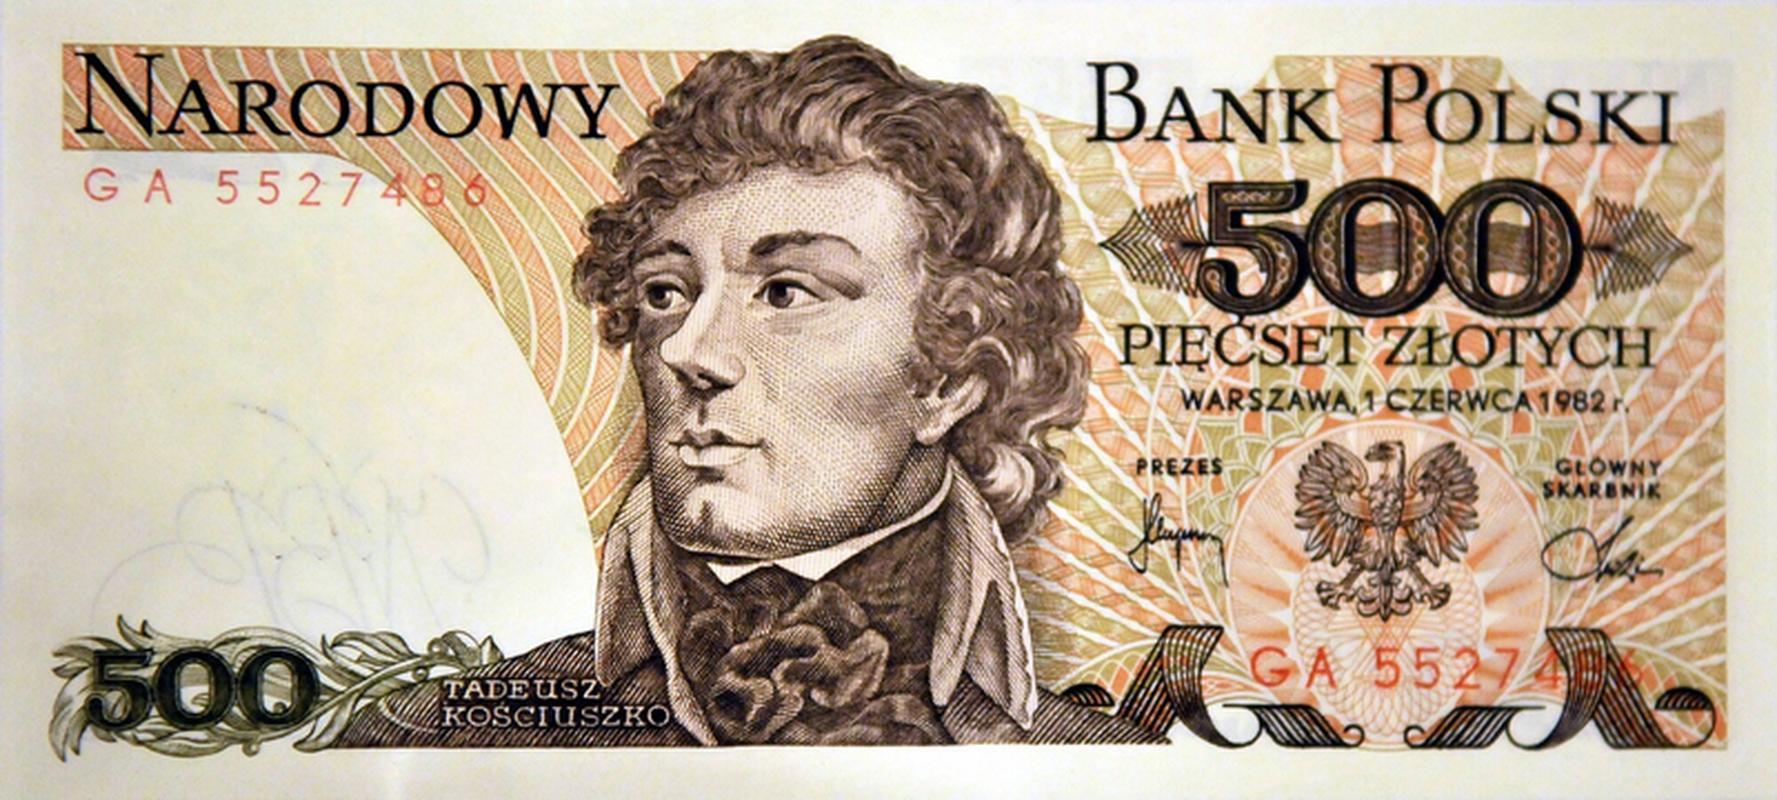 200 zl in euro